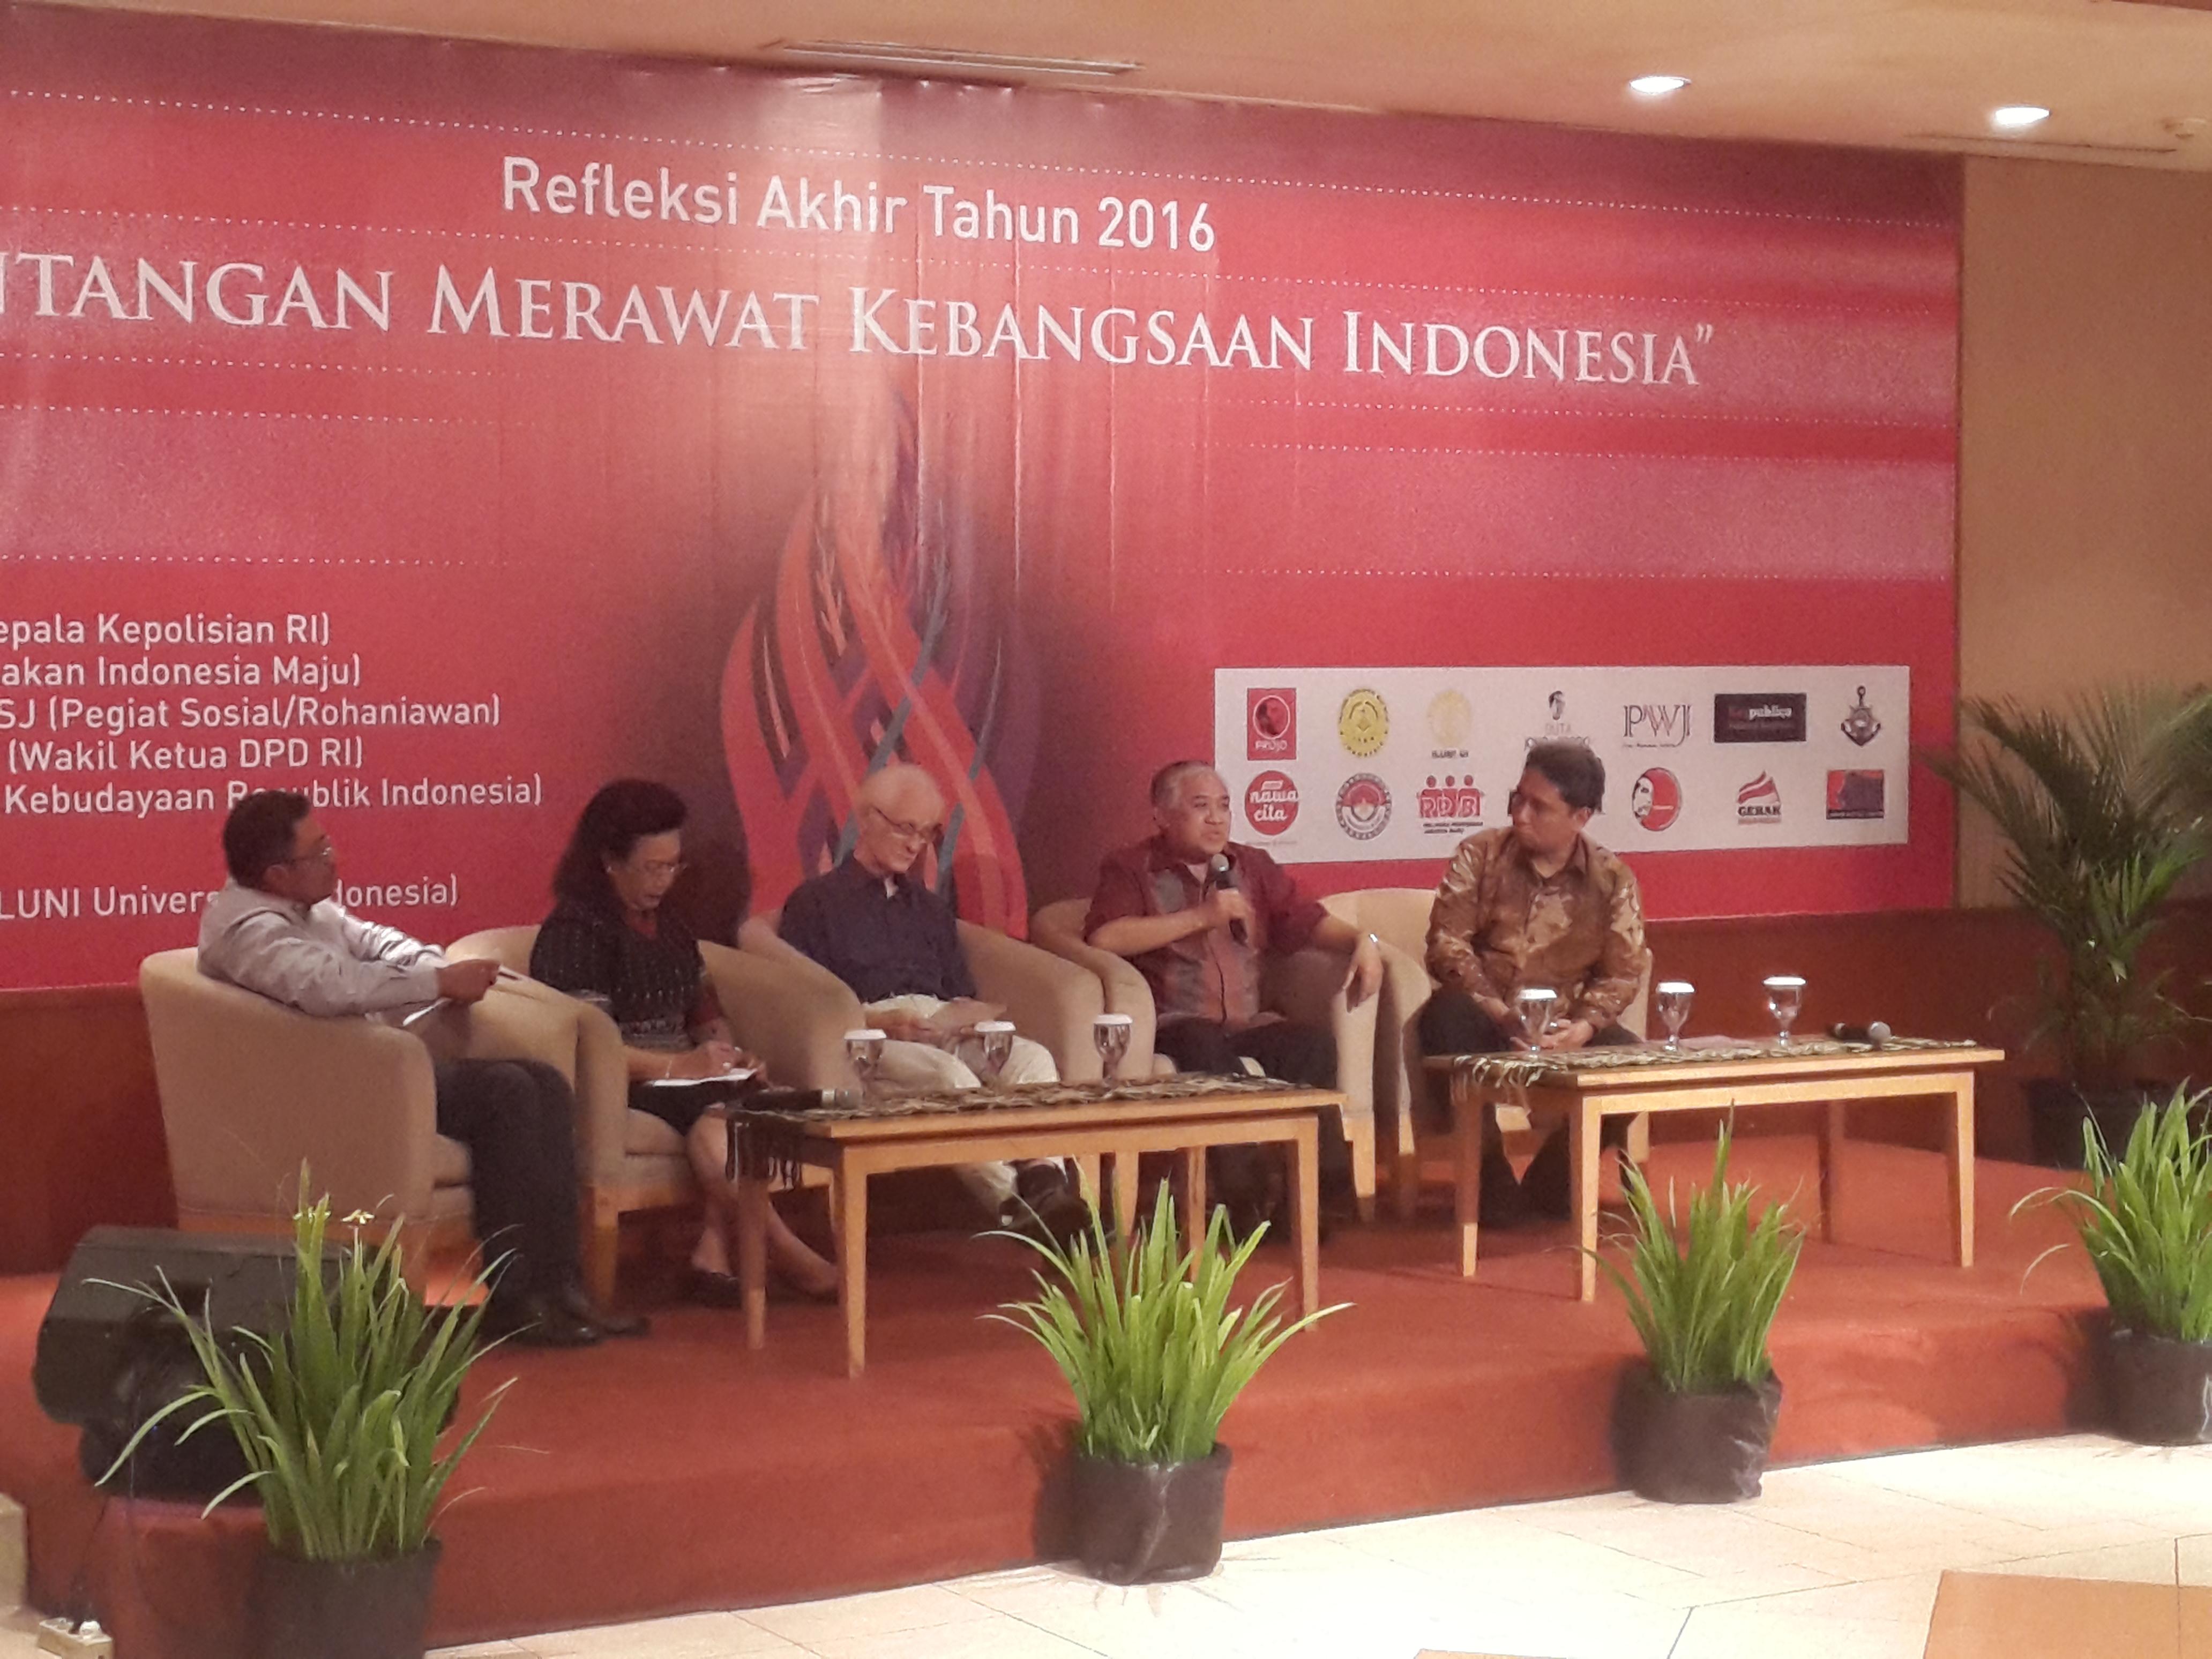 Din: Persatuan Indonesia Tetap Terjaga selama Islam Tegak